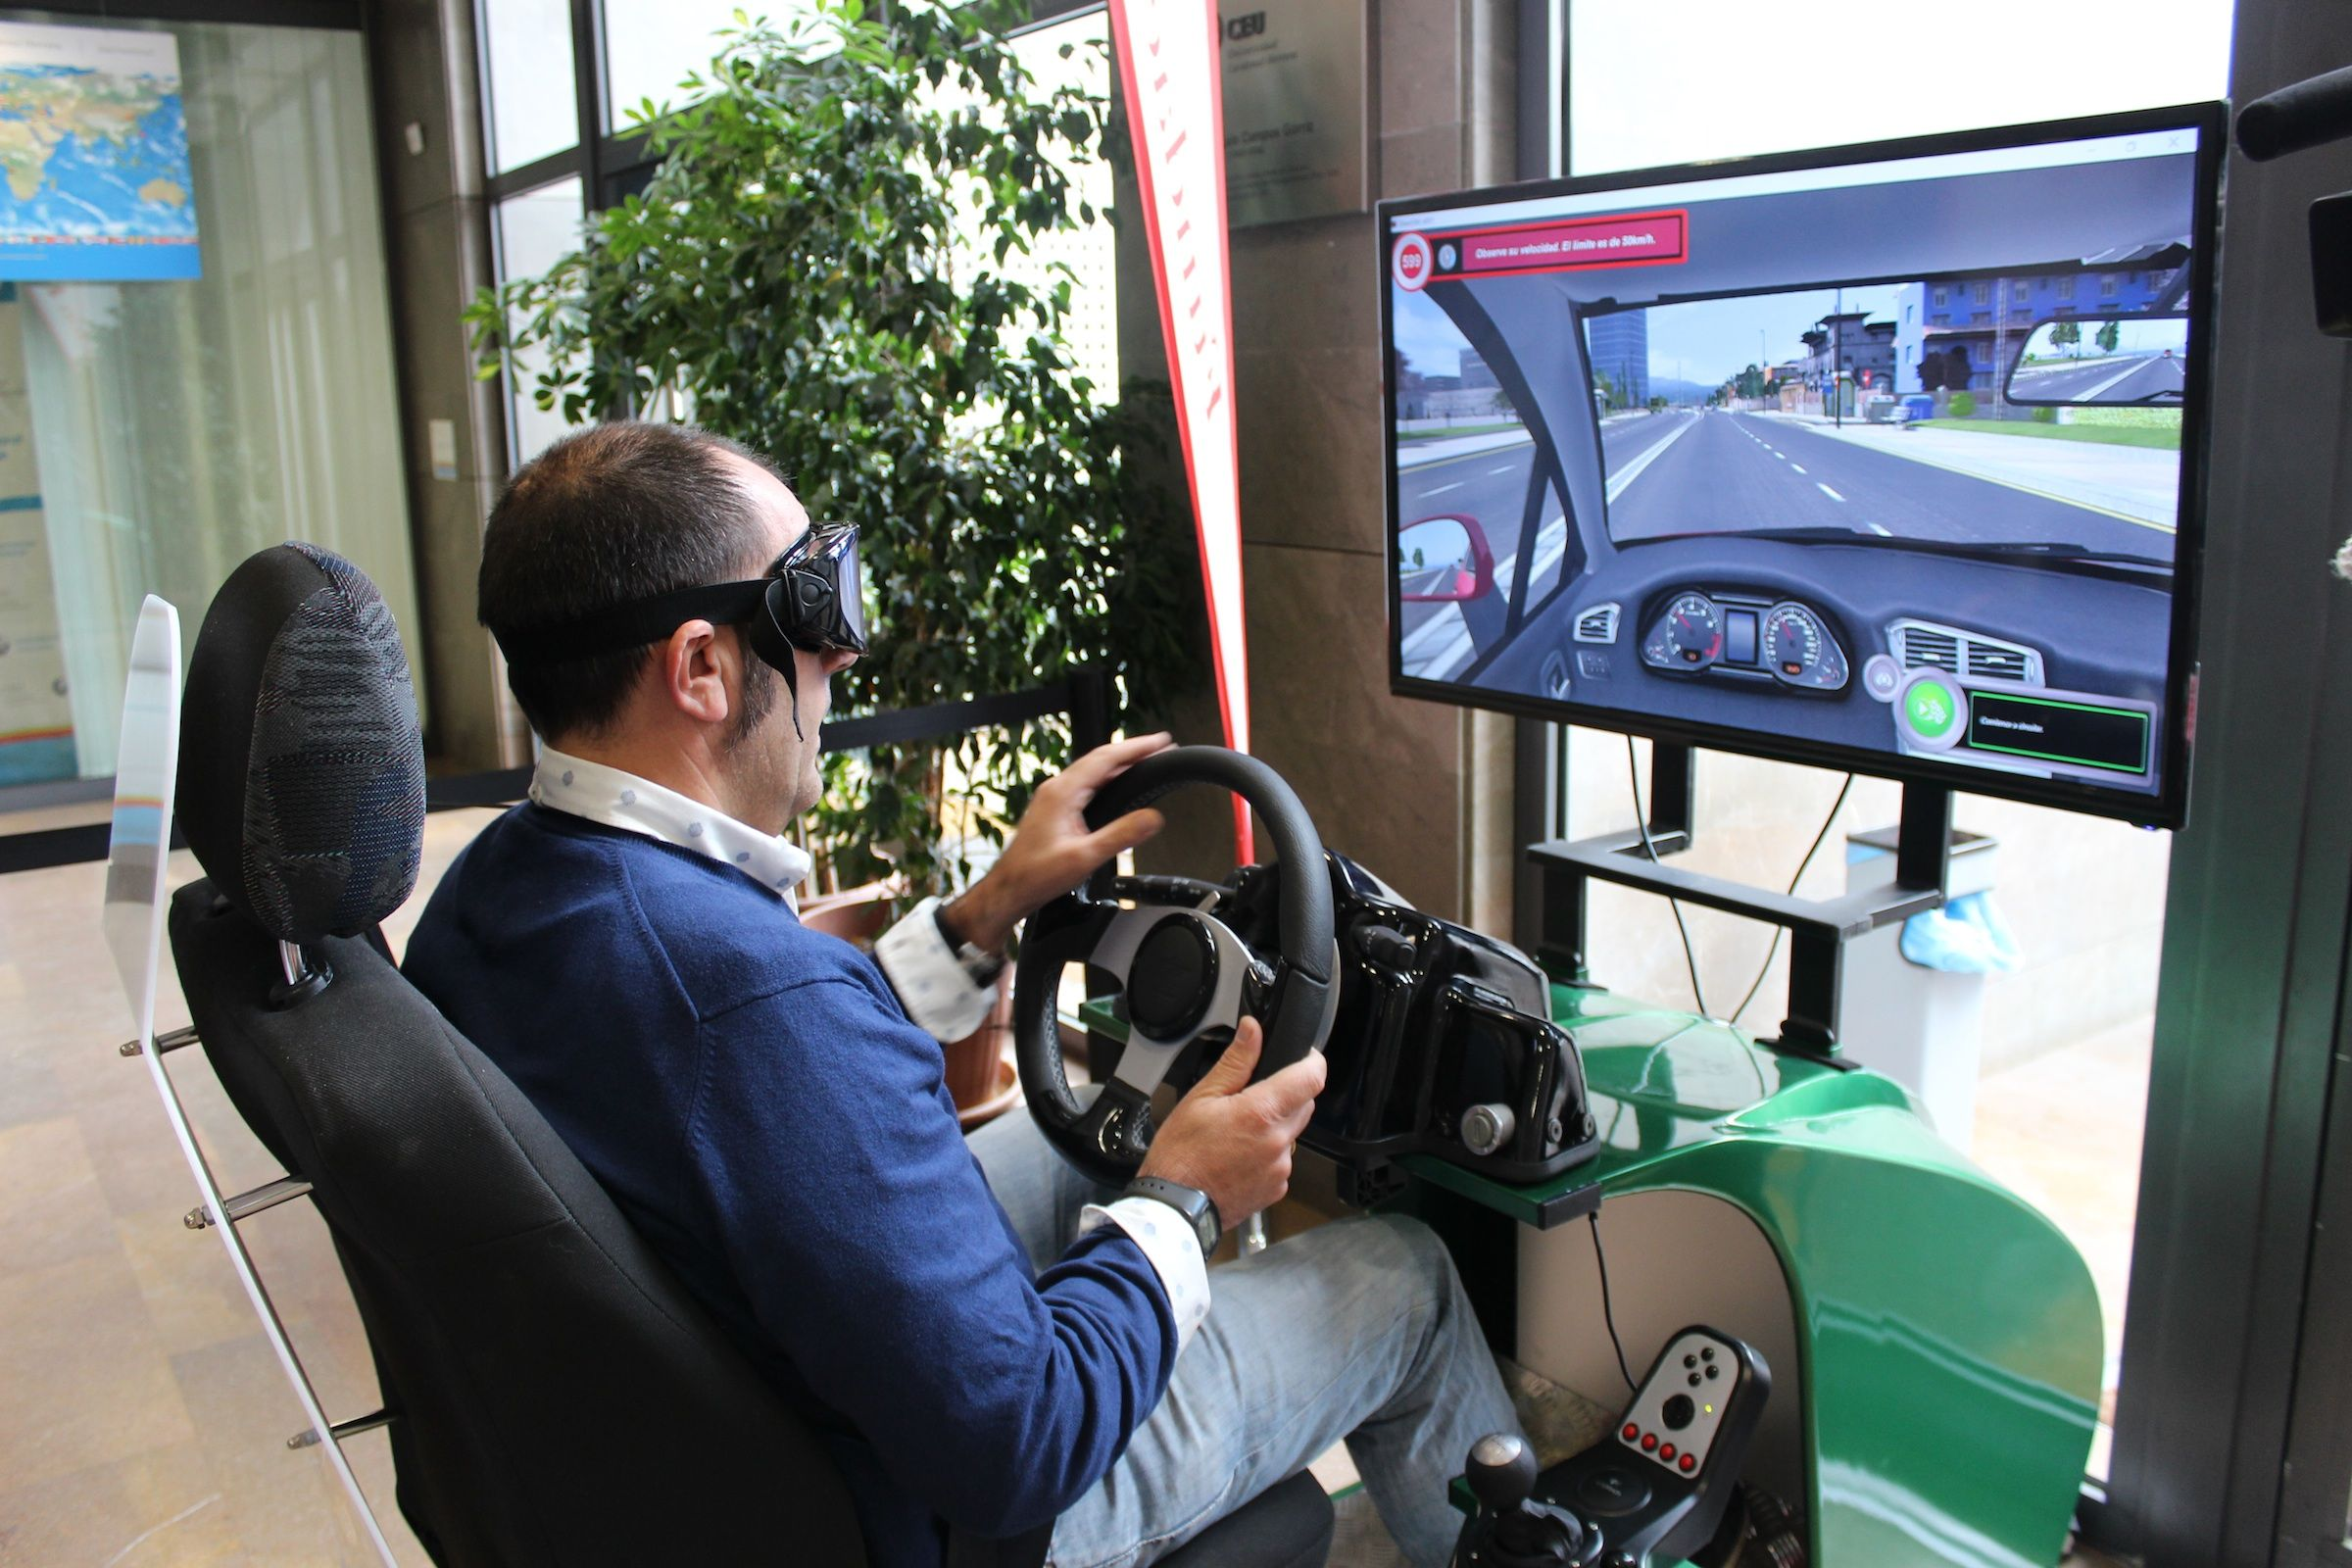 Experiencia de simulación con gafas de realidad virtual, organizada por Ford, para experimentar la conducción bajo los efectos de sustancias adictivas.